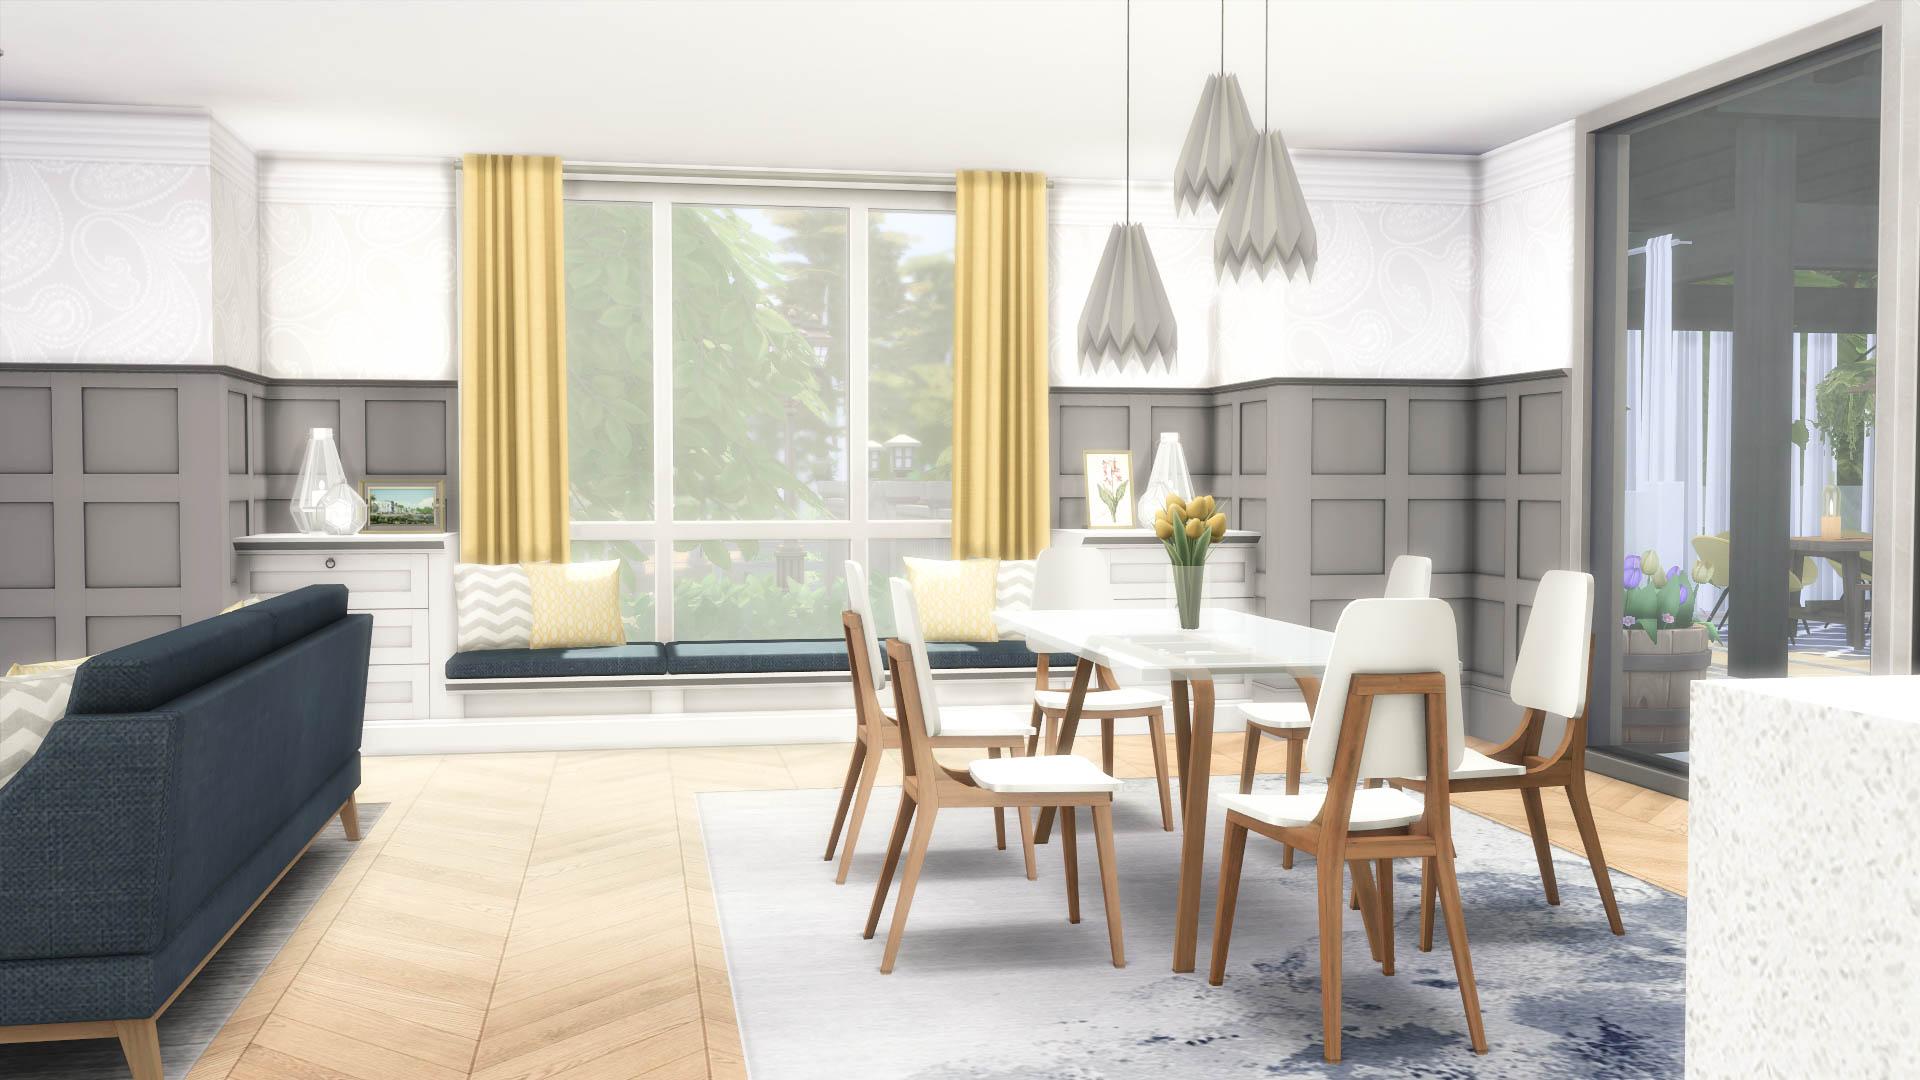 6-Dining-room